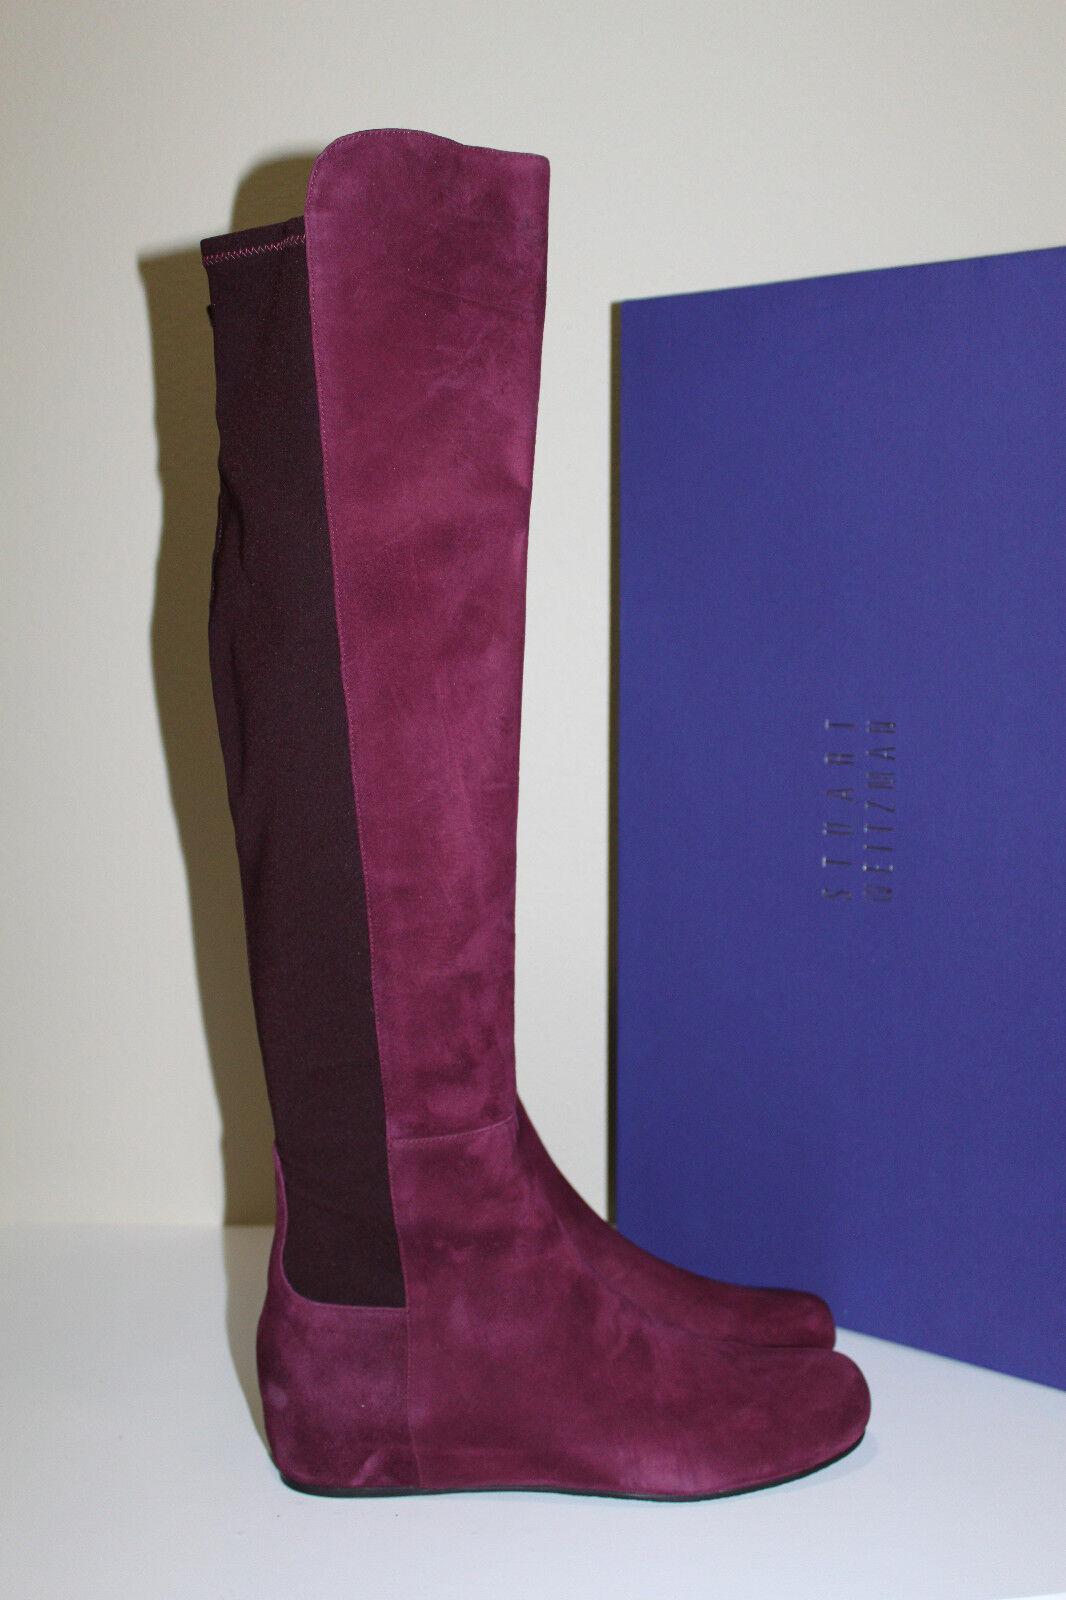 New Wedge 9.5 Stuart Weitzman Mainline BORDEAUX Suede Over Knee Wedge New Heel Boot schuhe 5ba914